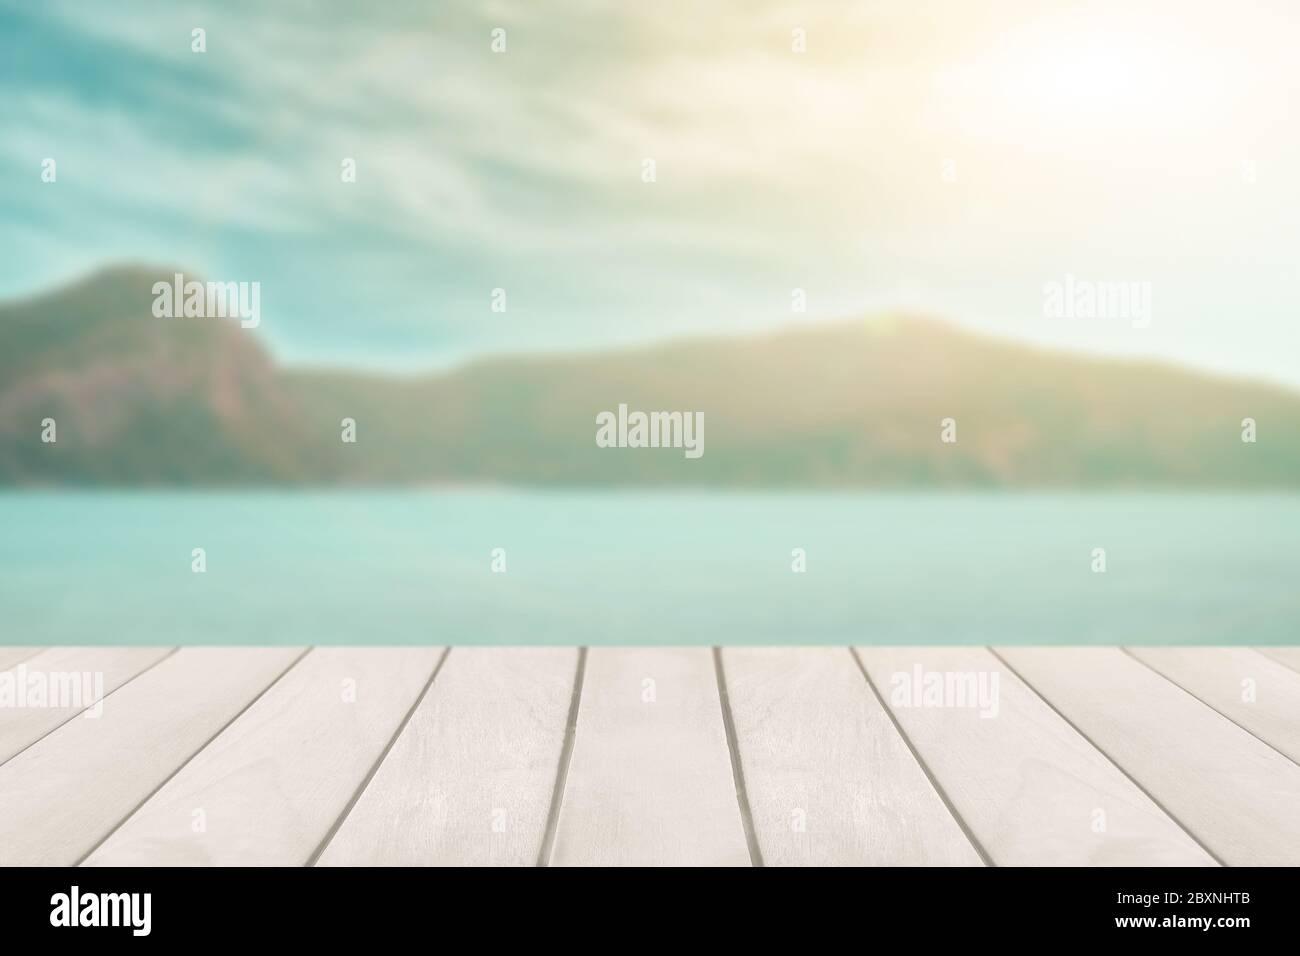 Perspektive leere weiße Holztisch auf der Oberseite über verschwommene Seascape Hintergrund. Für die Montage von Produkten Display oder Design-Layout. Stockfoto